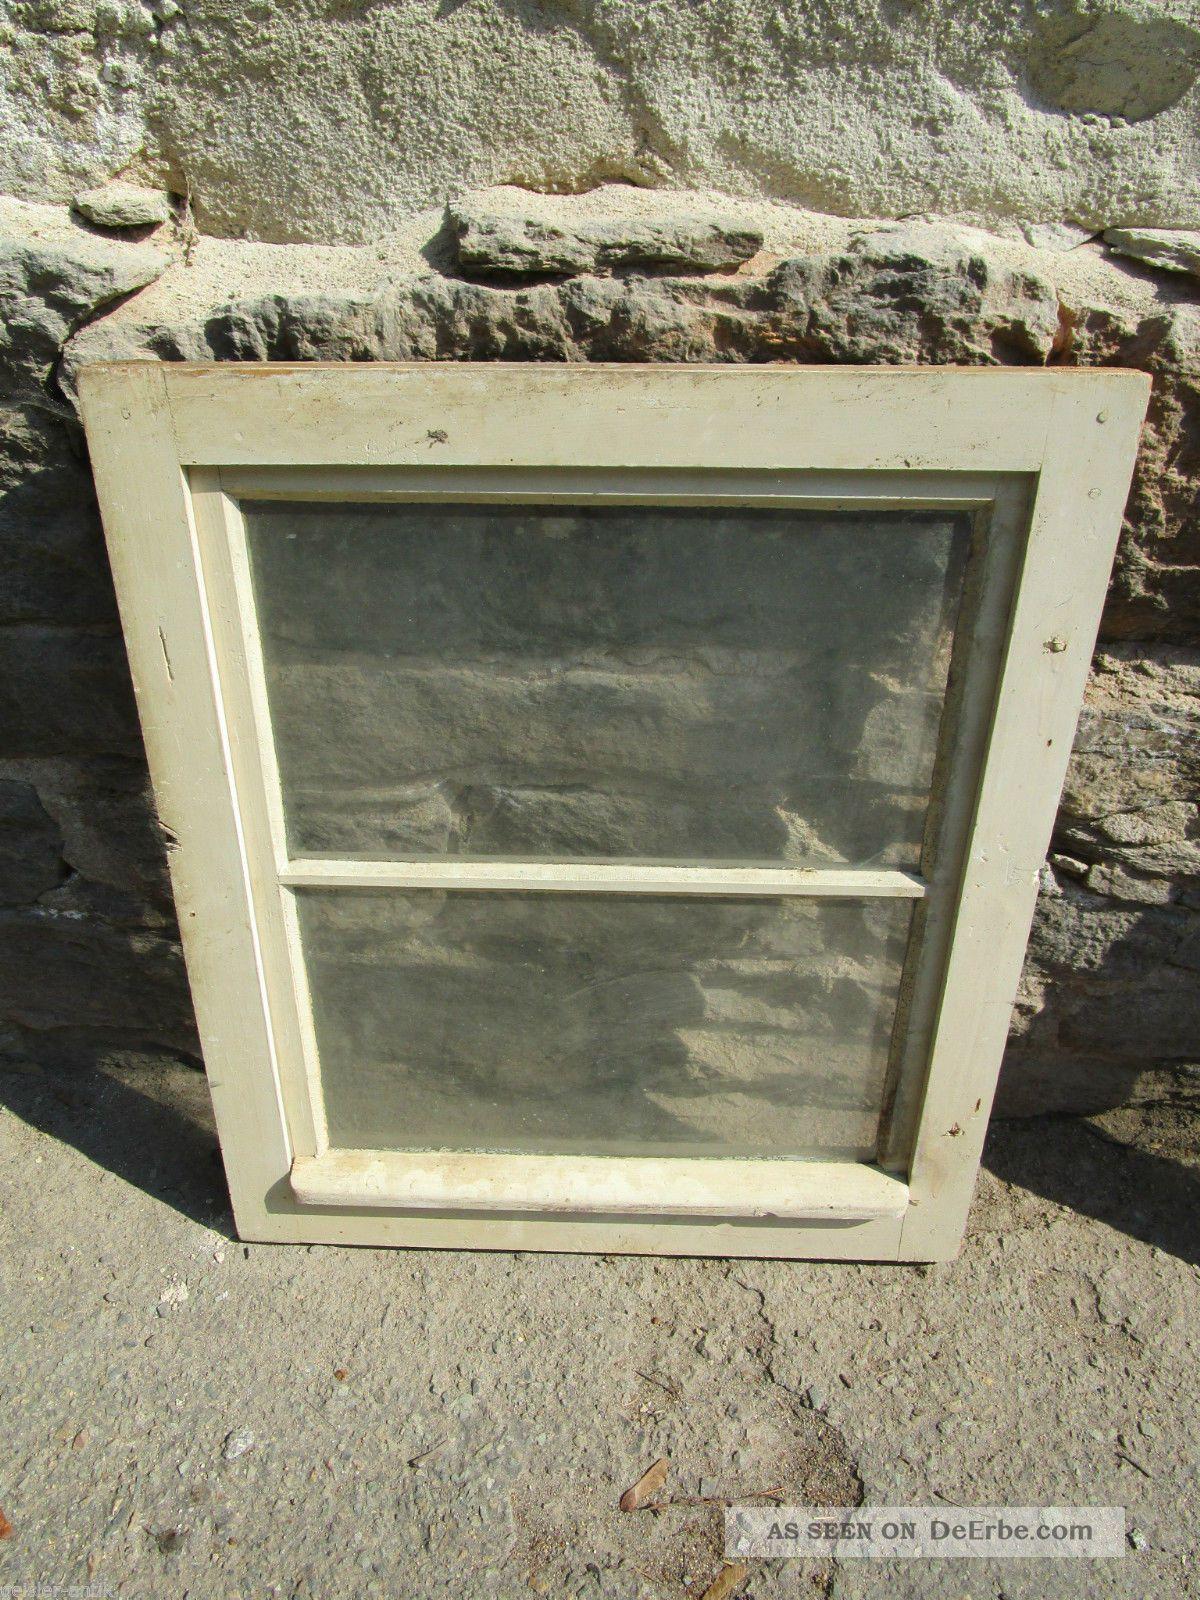 Full Size of Deko Shabby Landhaus Kleines Holzfenster Sprossen Fenster Garten Chic Vintage Boxspring Bett Landhausstil Küche Wohnzimmer Badezimmer Regal Weiß Esstisch Wohnzimmer Deko Shabby Landhaus